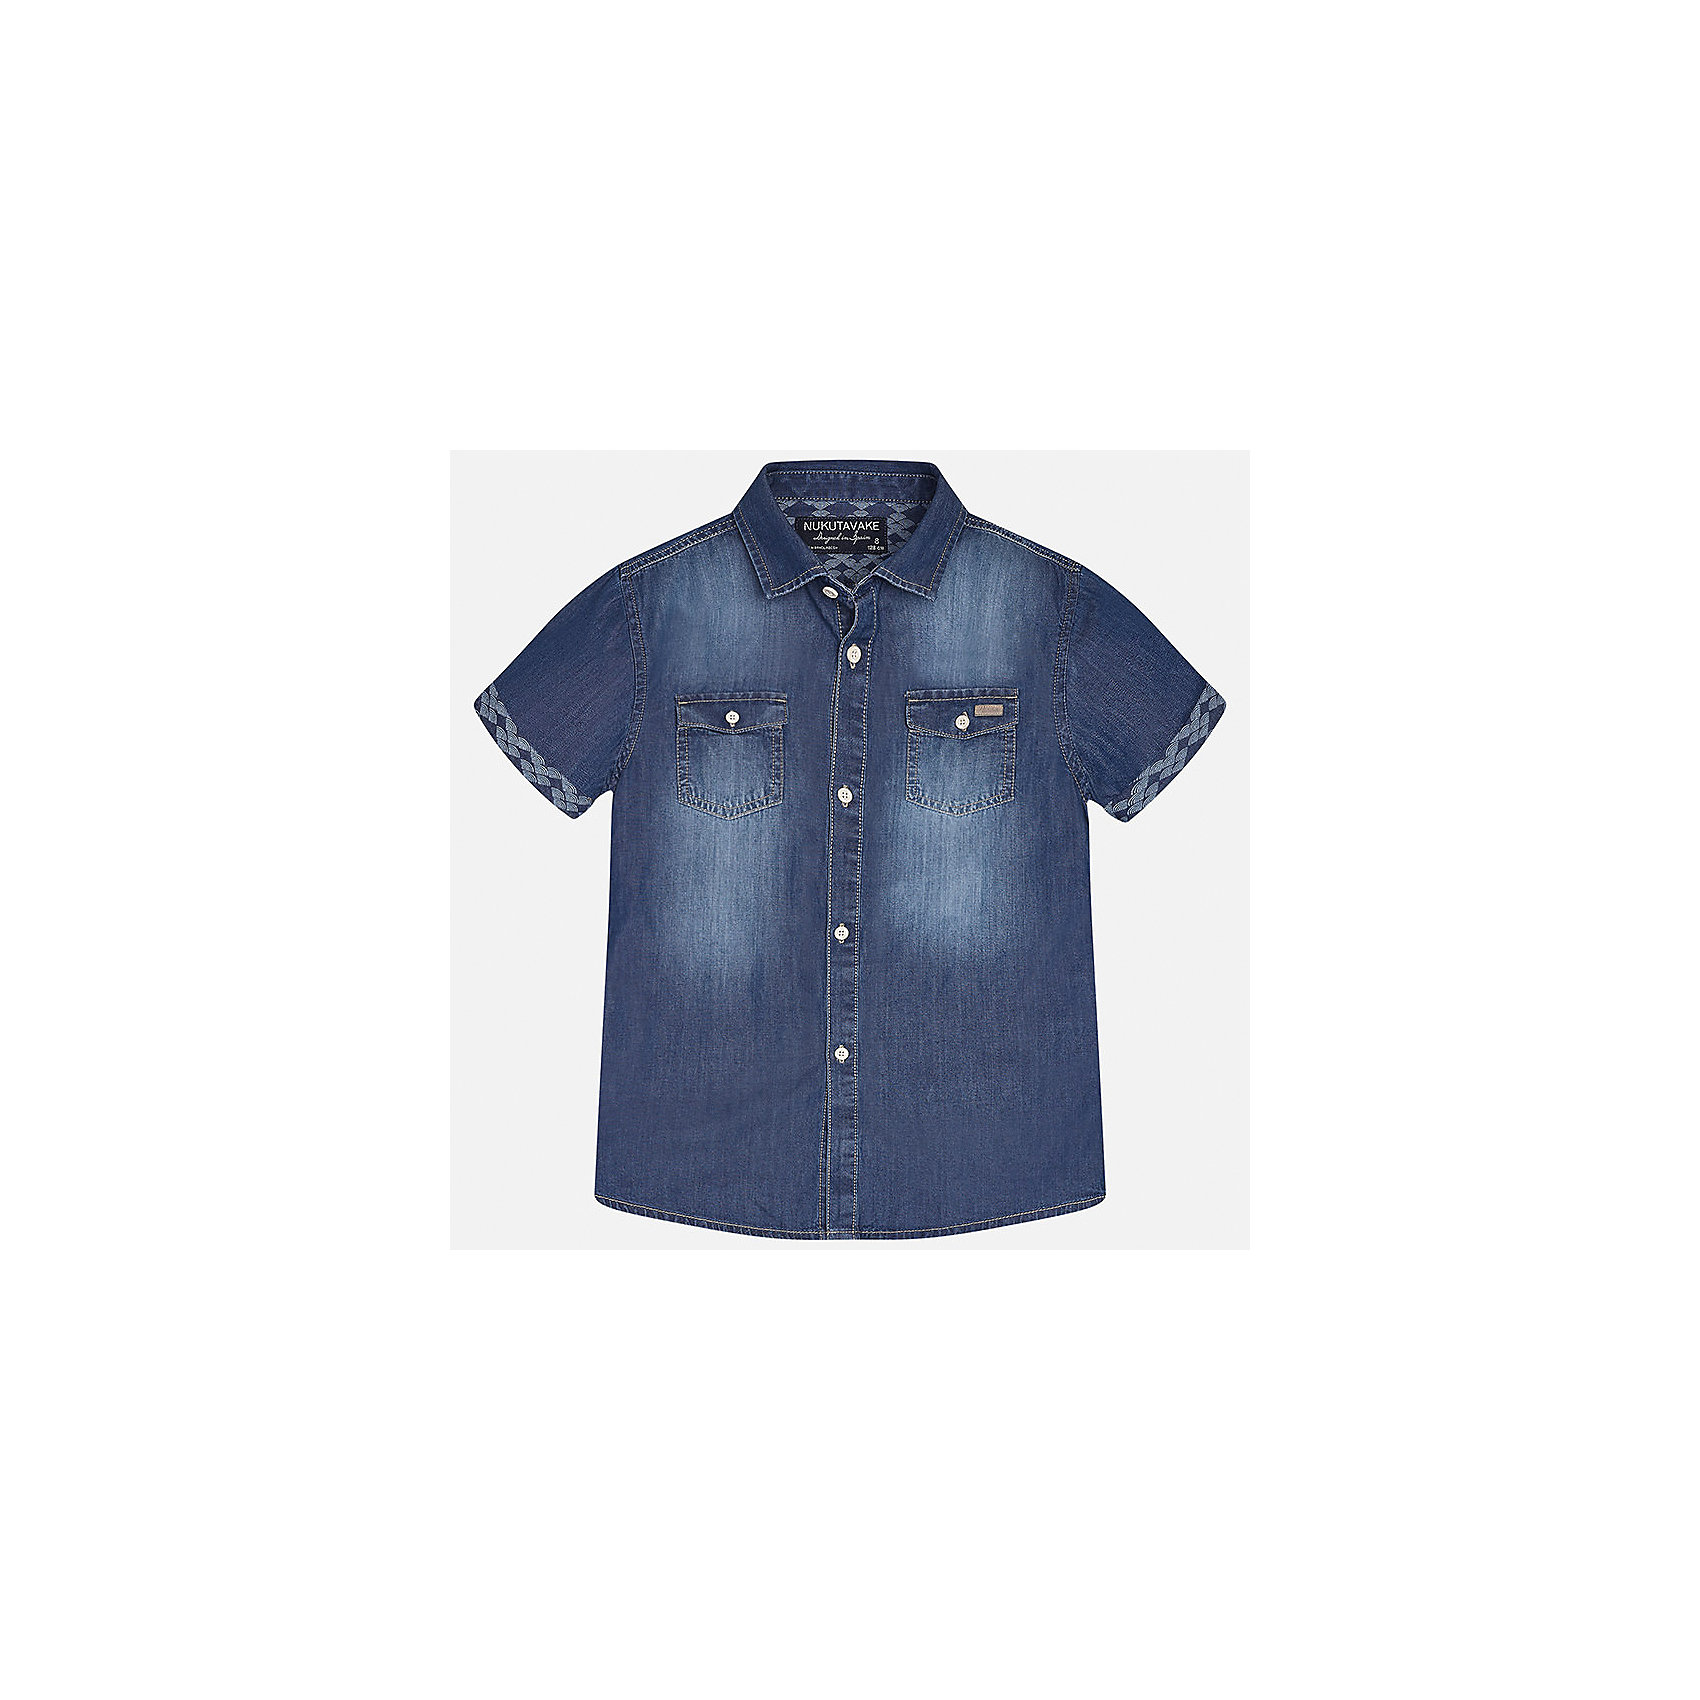 Рубашка джинсовая для мальчика MayoralБлузки и рубашки<br>Характеристики товара:<br><br>• цвет: синий<br>• состав: 100% хлопок<br>• отложной воротник<br>• декорирована карманами на груди<br>• короткие рукава<br>• застежки: пуговицы<br>• страна бренда: Испания<br><br>Модная рубашка поможет разнообразить гардероб мальчика. Она отлично сочетается с брюками, шортами, джинсами. Универсальный крой и цвет позволяет подобрать к вещи низ разных расцветок. Практичное и стильное изделие! Хорошо смотрится и комфортно сидит на детях. В составе материала - только натуральный хлопок, гипоаллергенный, приятный на ощупь, дышащий. <br><br>Одежда, обувь и аксессуары от испанского бренда Mayoral полюбились детям и взрослым по всему миру. Модели этой марки - стильные и удобные. Для их производства используются только безопасные, качественные материалы и фурнитура. Порадуйте ребенка модными и красивыми вещами от Mayoral! <br><br>Рубашку для мальчика от испанского бренда Mayoral (Майорал) можно купить в нашем интернет-магазине.<br><br>Ширина мм: 174<br>Глубина мм: 10<br>Высота мм: 169<br>Вес г: 157<br>Цвет: синий<br>Возраст от месяцев: 84<br>Возраст до месяцев: 96<br>Пол: Мужской<br>Возраст: Детский<br>Размер: 128/134,170,164,158,152,140<br>SKU: 5281610